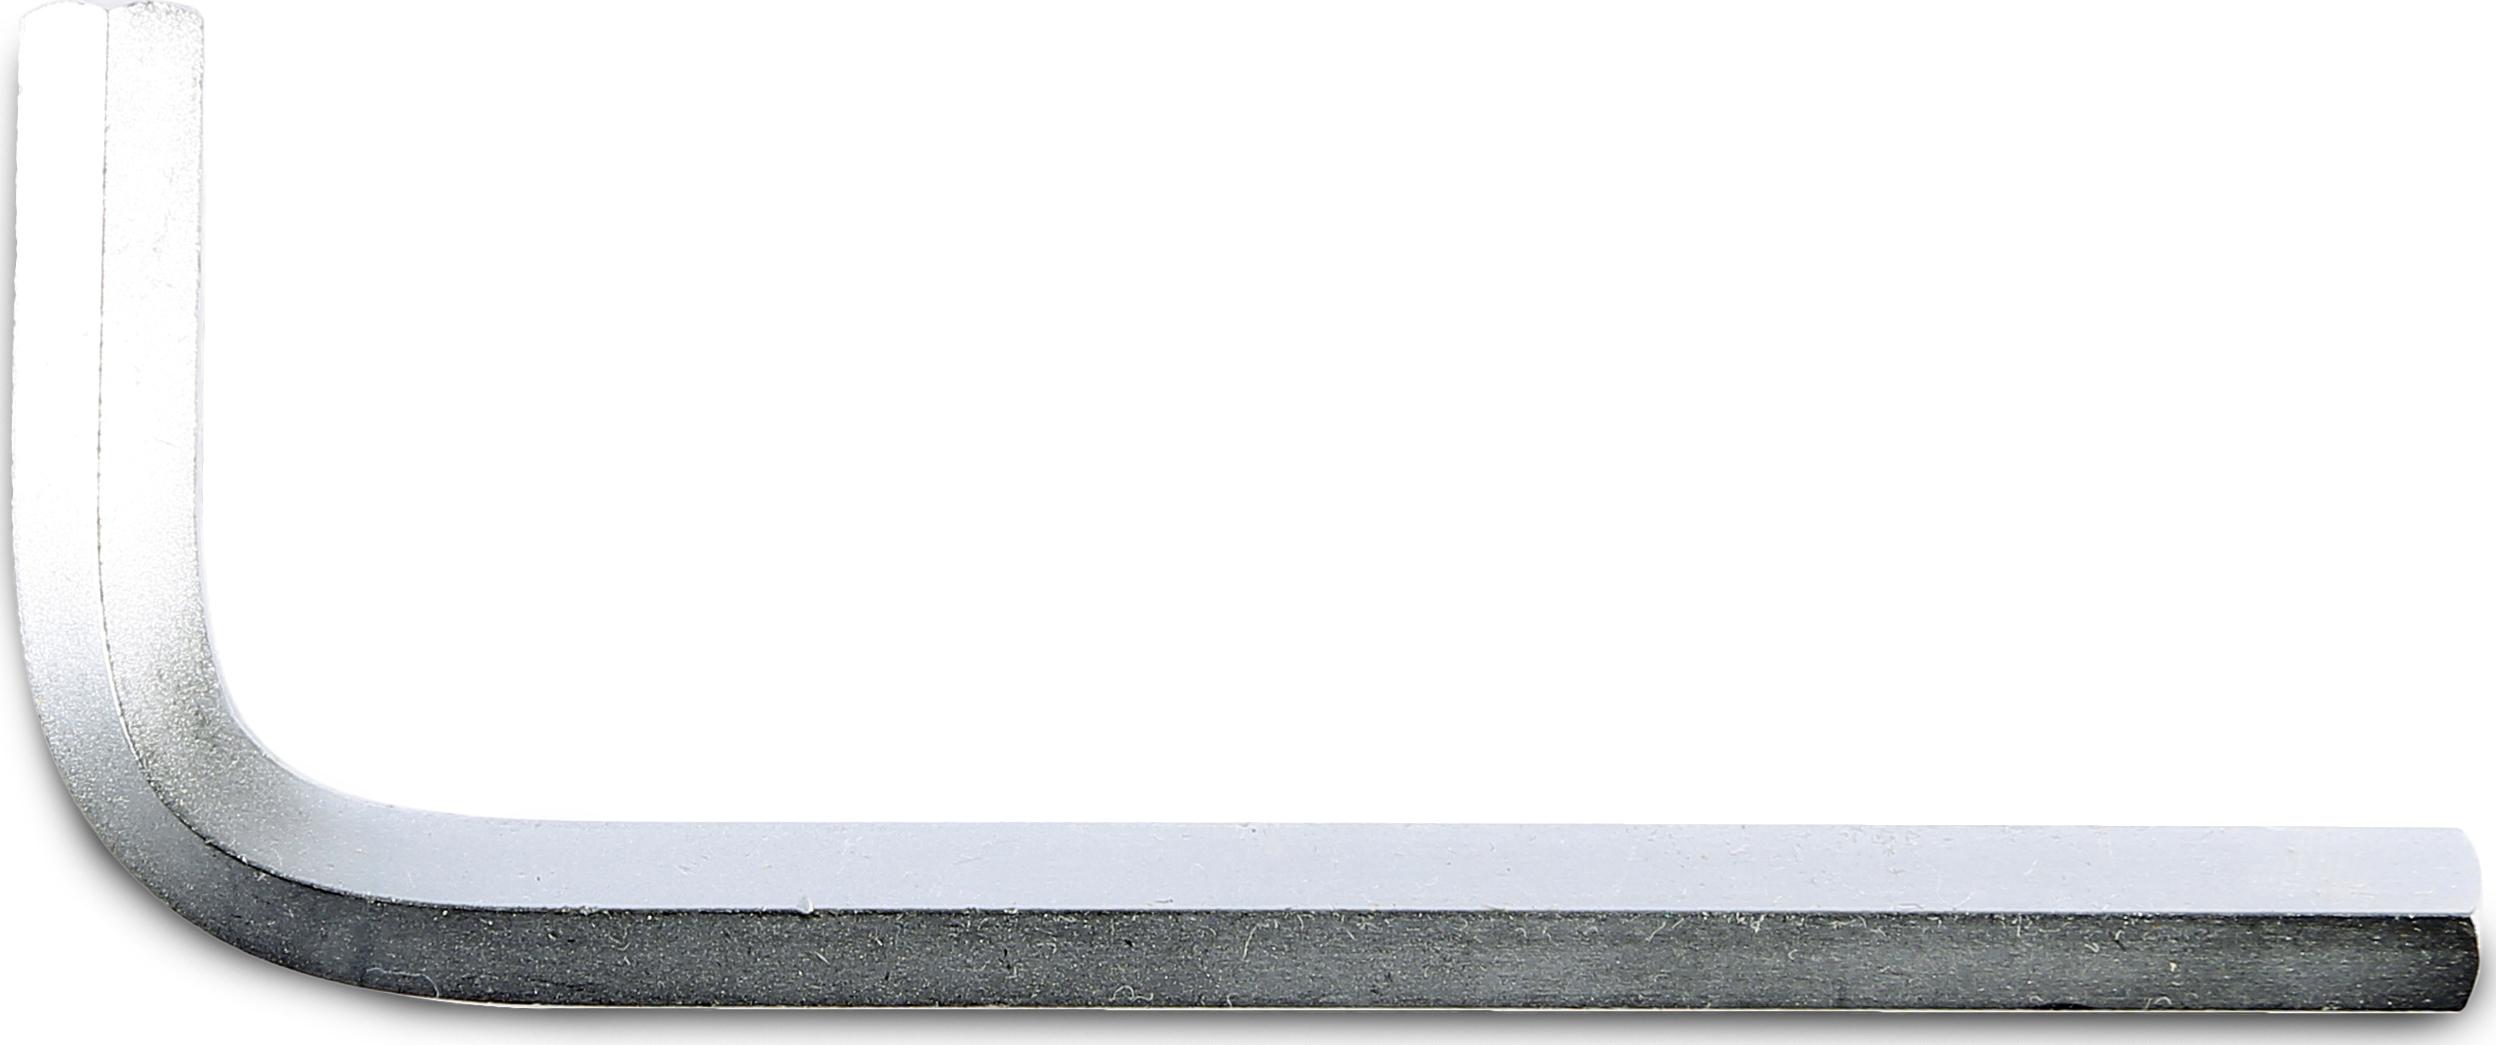 铬钒钢内六角扳手8MM